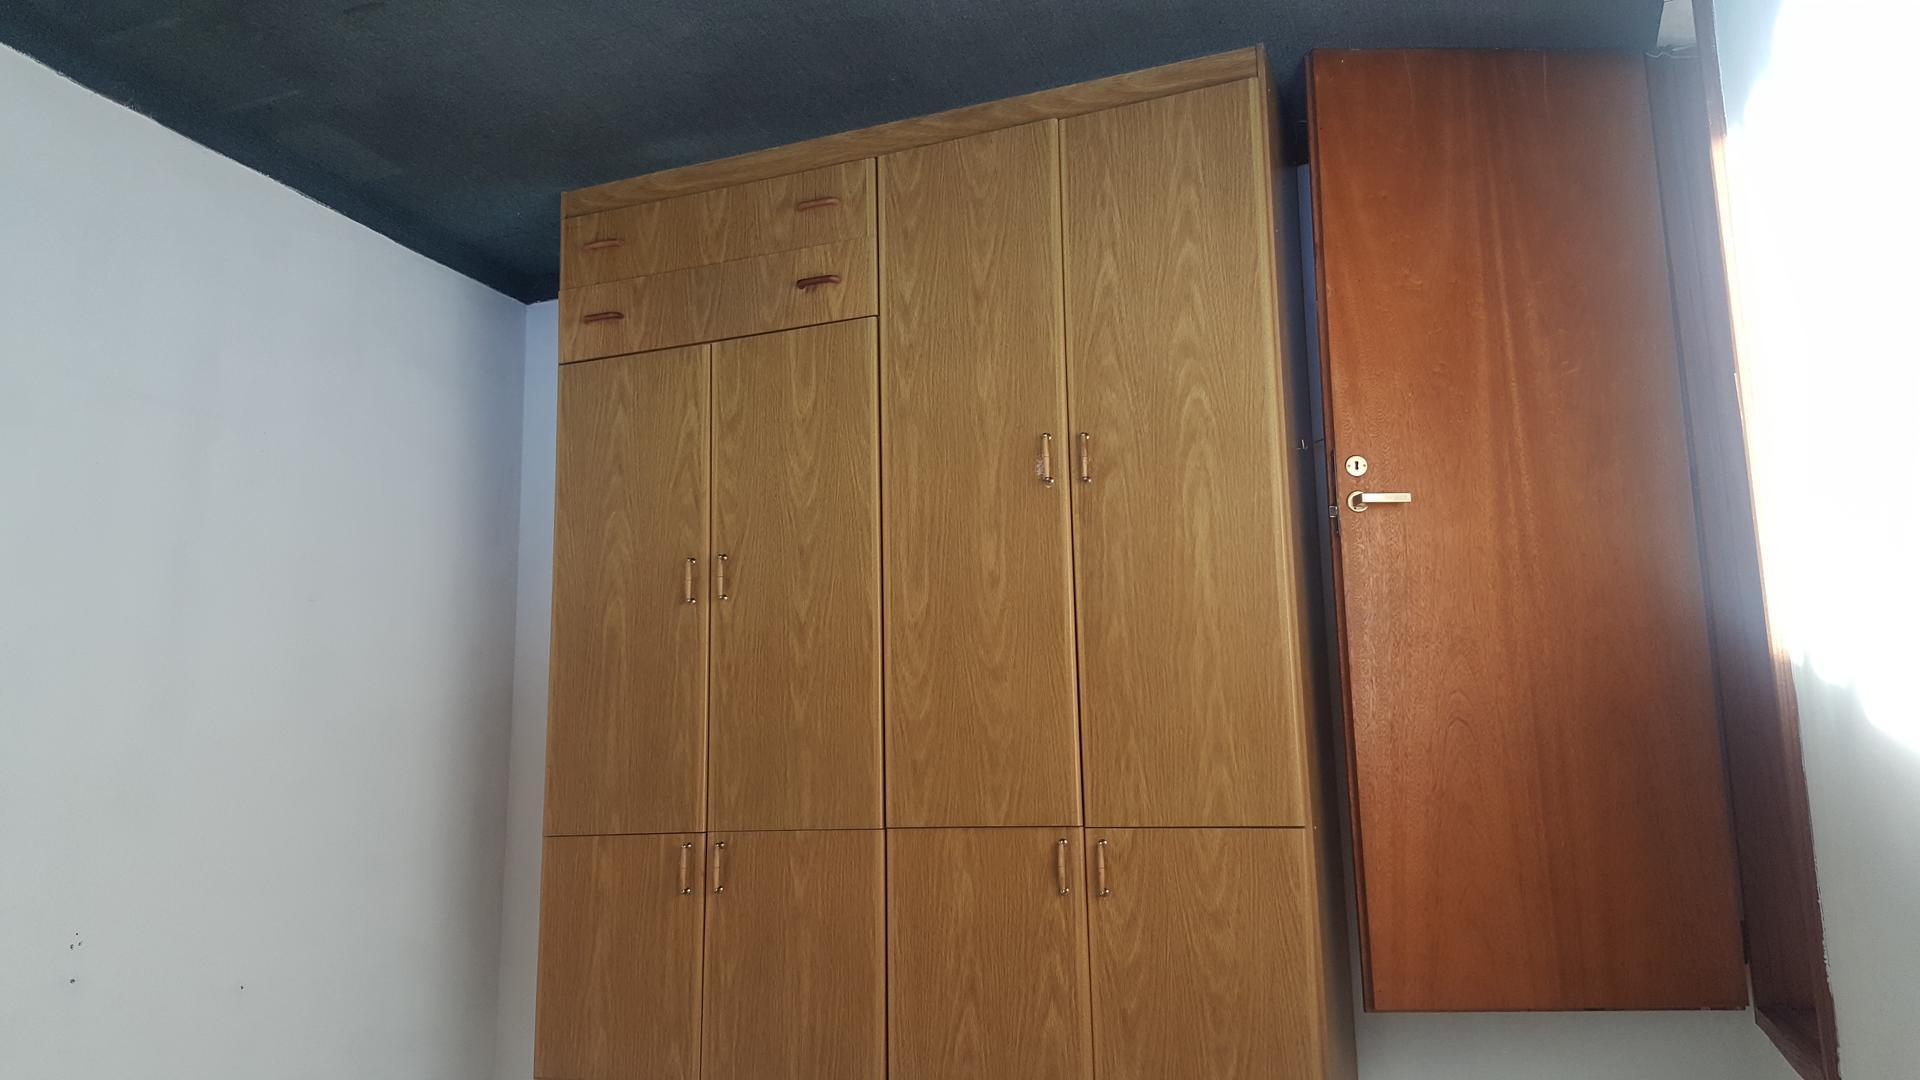 Departamento - 46 m² | 1 dormitorio | 20 años